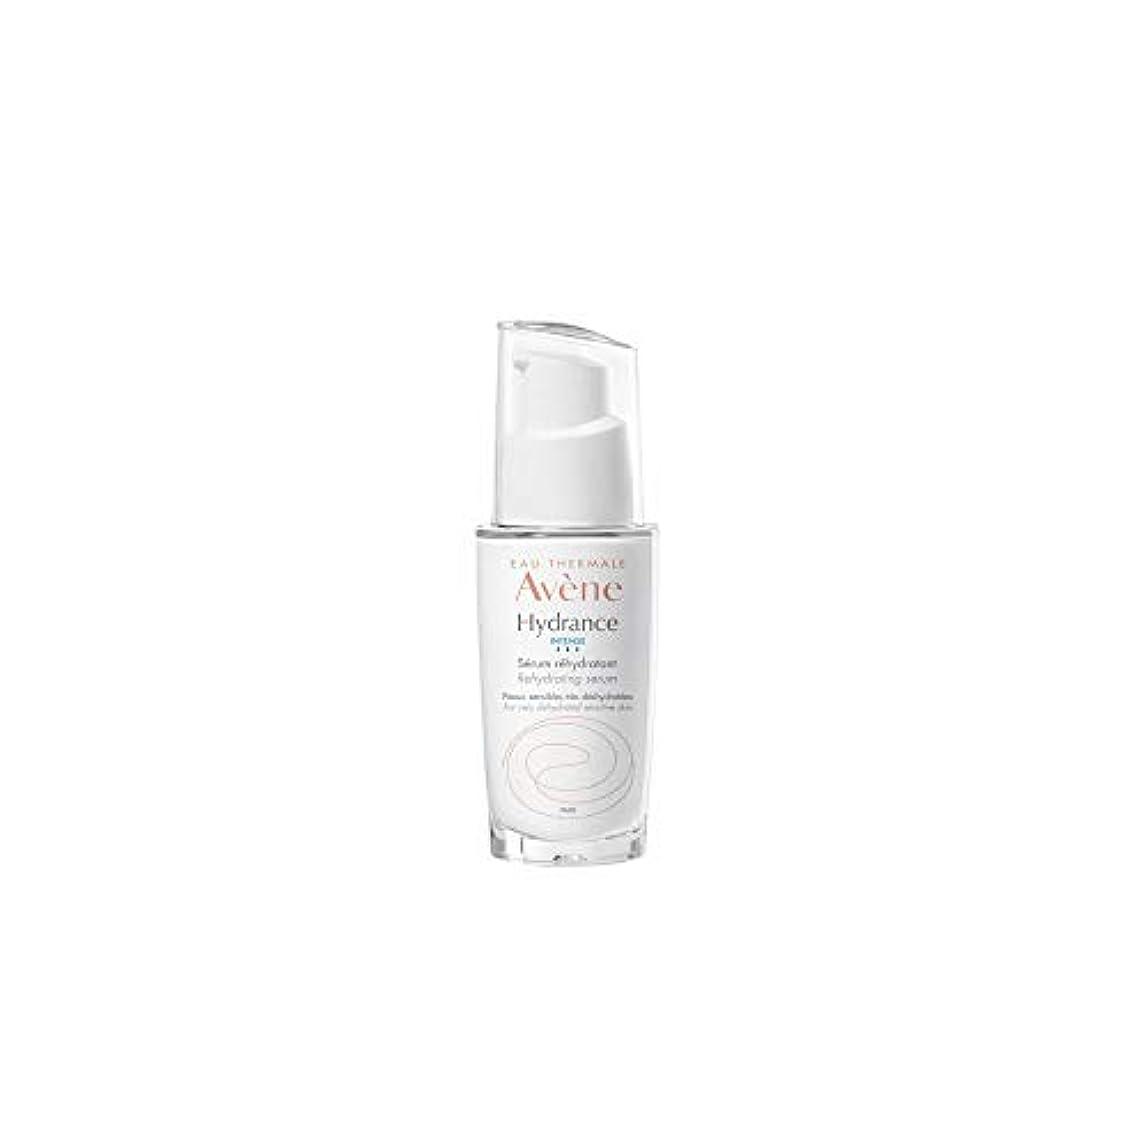 無効作ります推進、動かすアベンヌ Hydrance Intense Rehydrating Serum - For Very Dehydrated Sensitive Skin 30ml/1oz並行輸入品